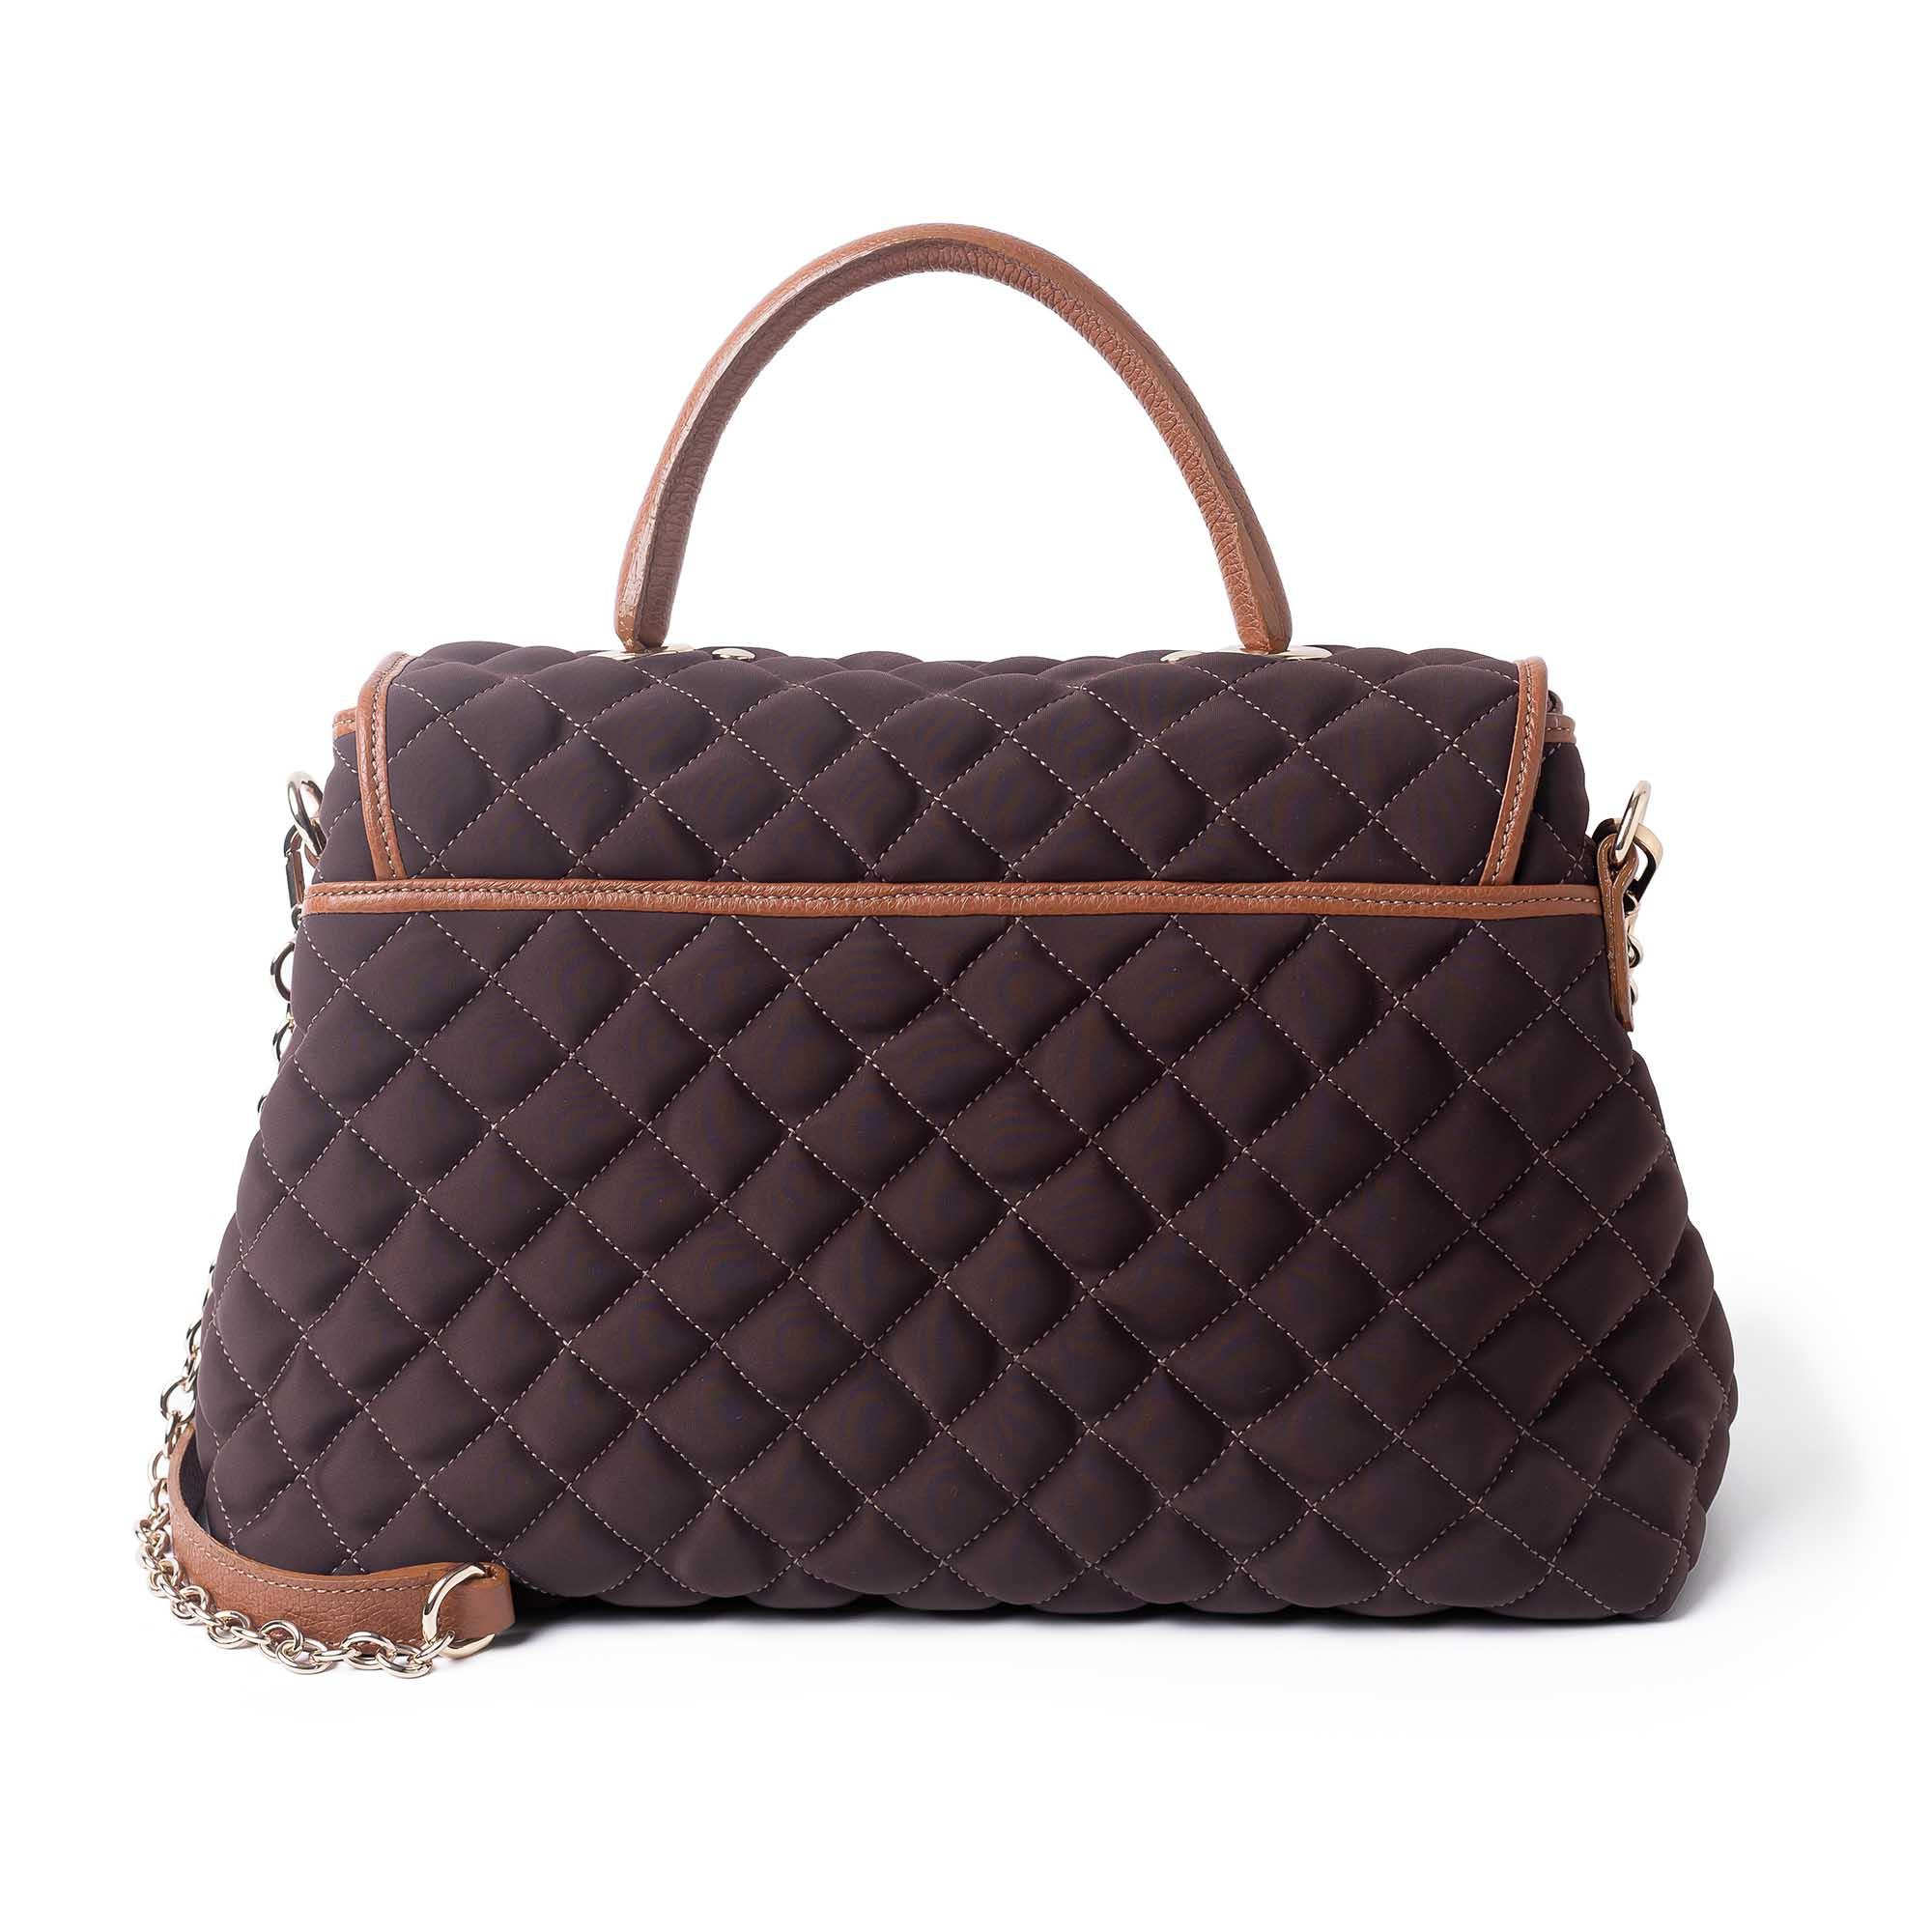 Bolsa de Mão SM 2915 - Nylon Couro